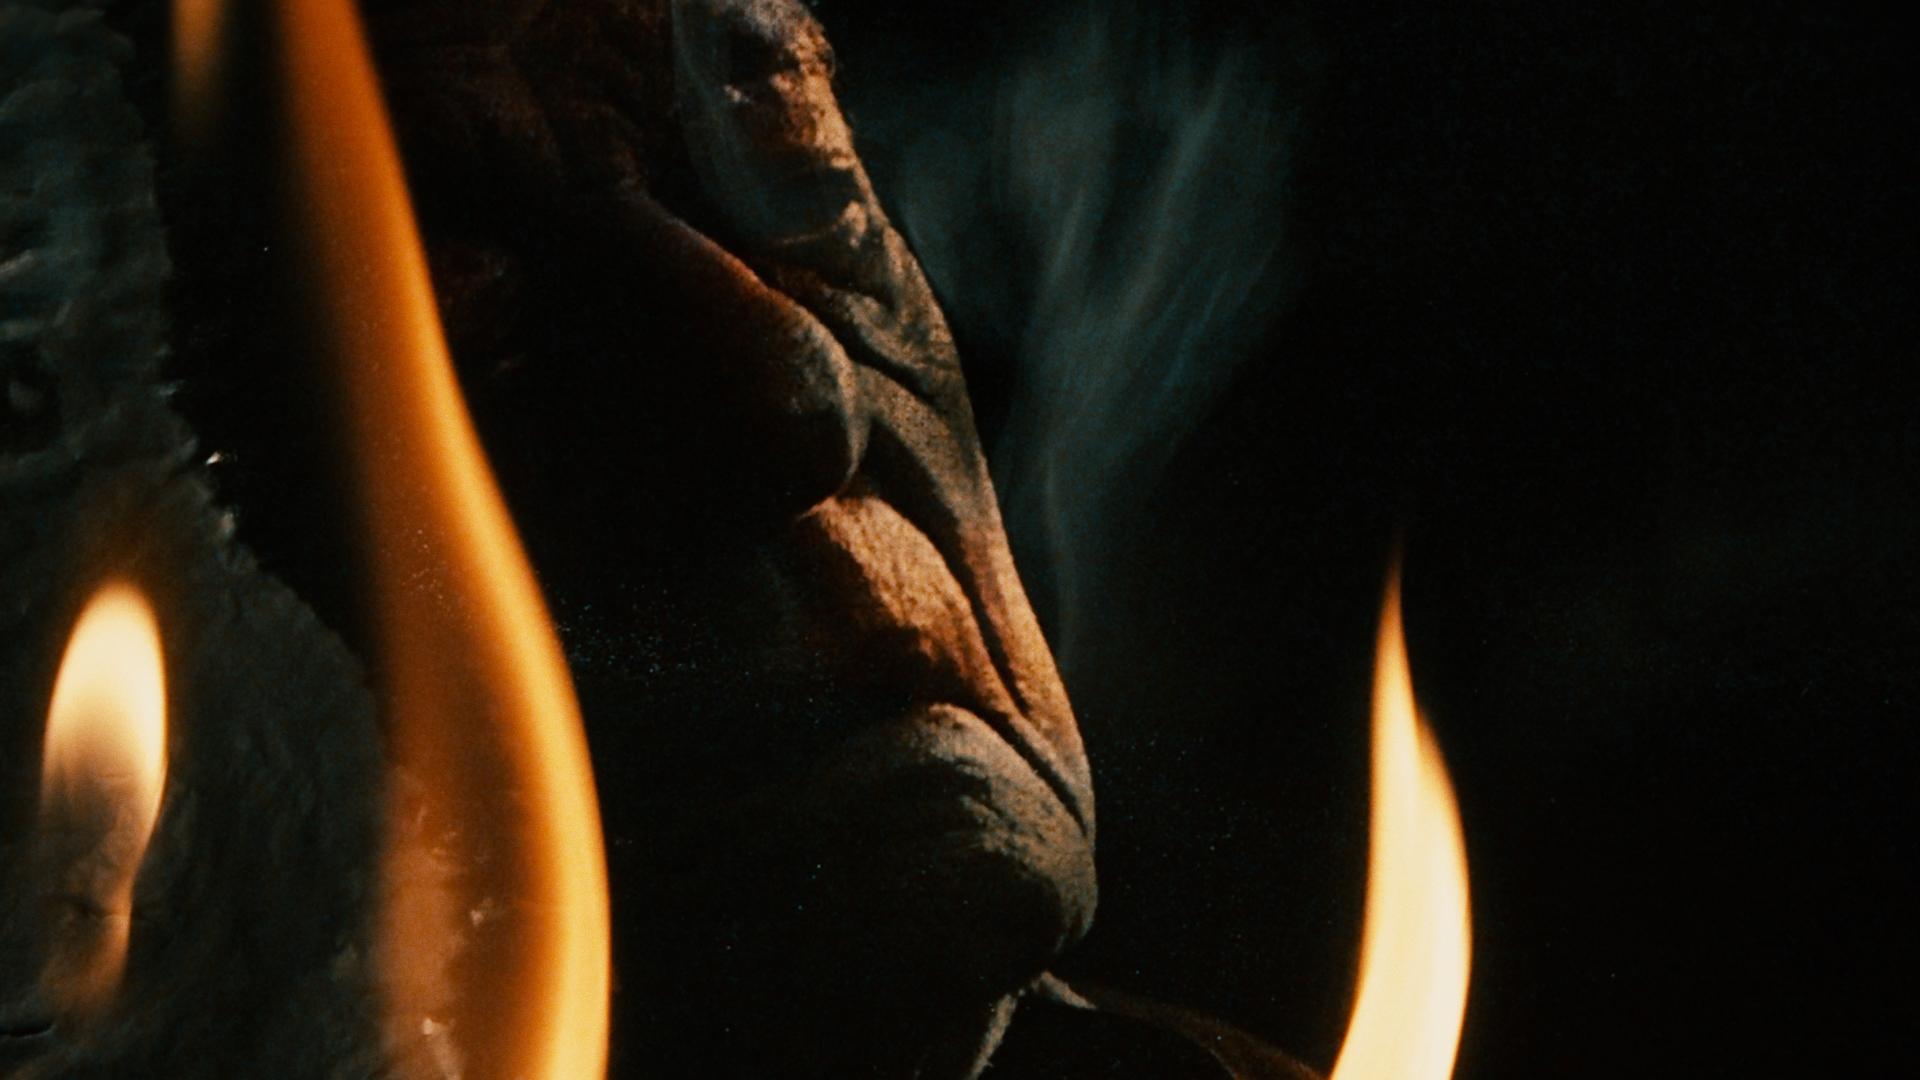 Man sieht eine Nahaufnahme es älteren Männergesichts. Insgesamt ist das Bild sehr düster und im Vordergrund sieht man drei Flammen zur Beleuchtung